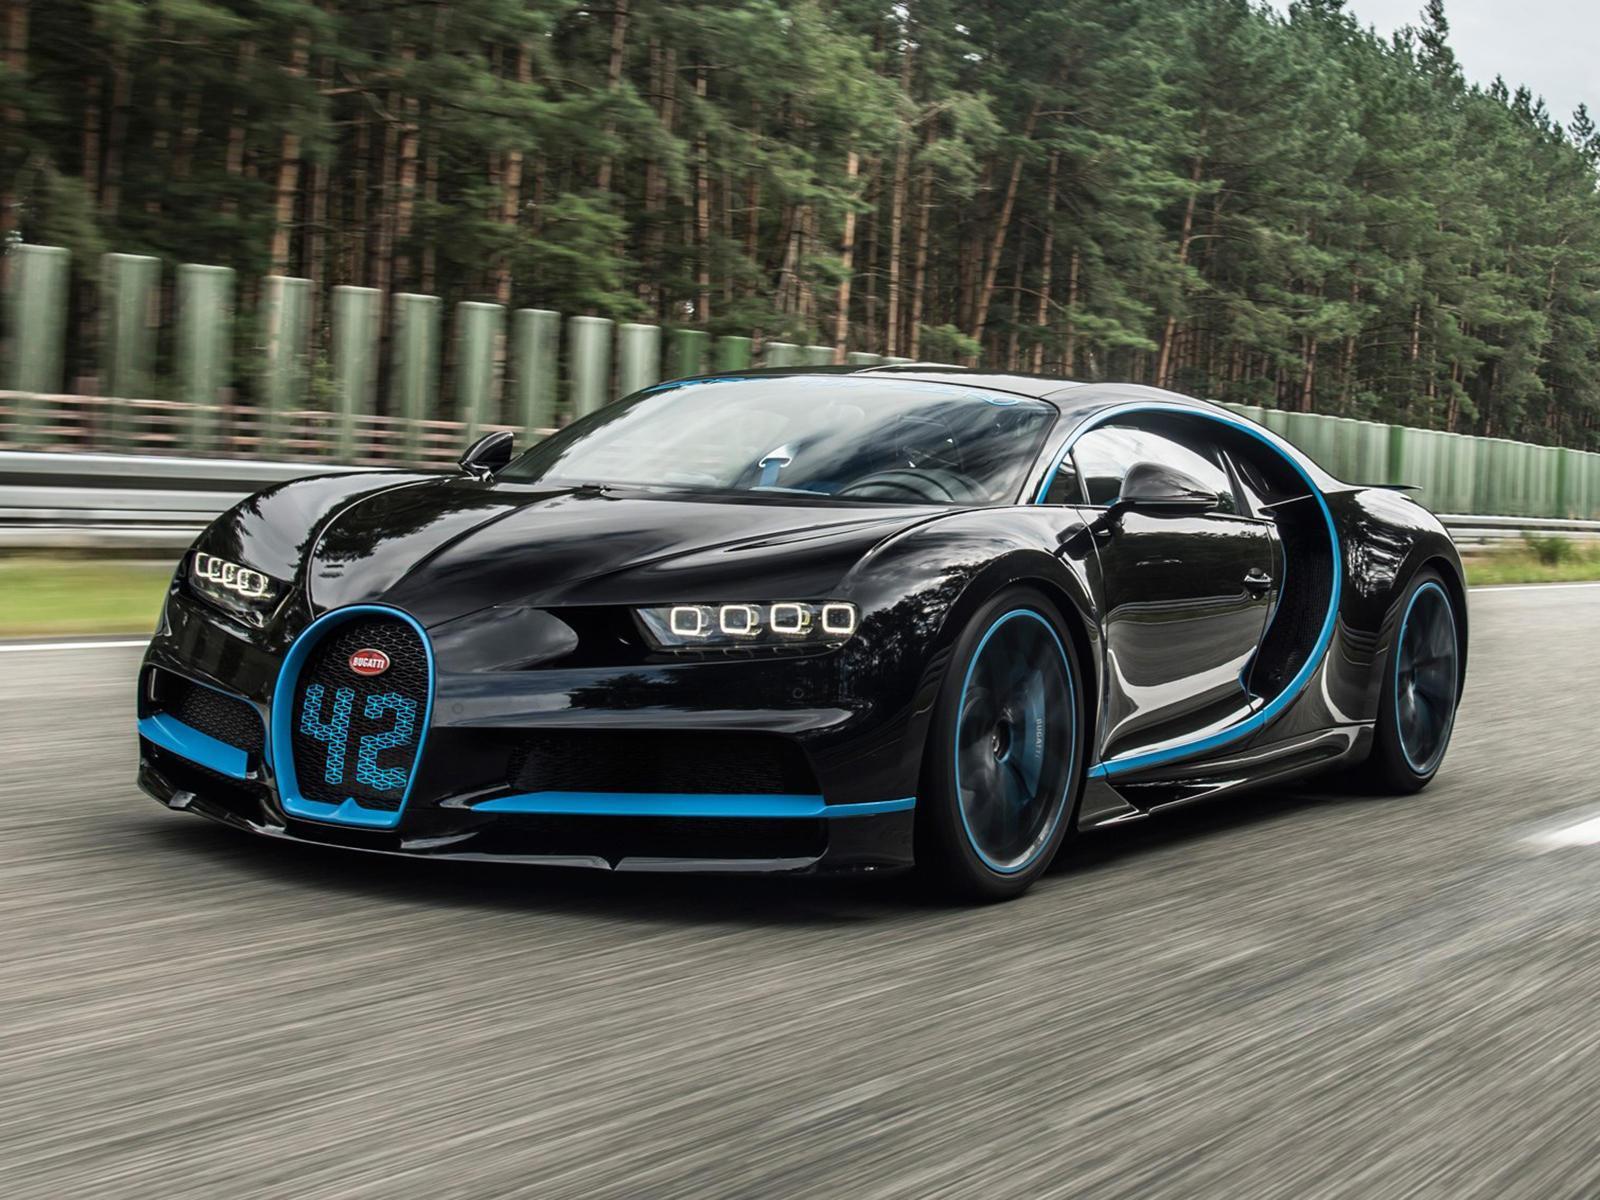 bugatti-ruc-rich-phat-trien-sieu-crossover-manh-hon-lamborghini-urus-3.jpg